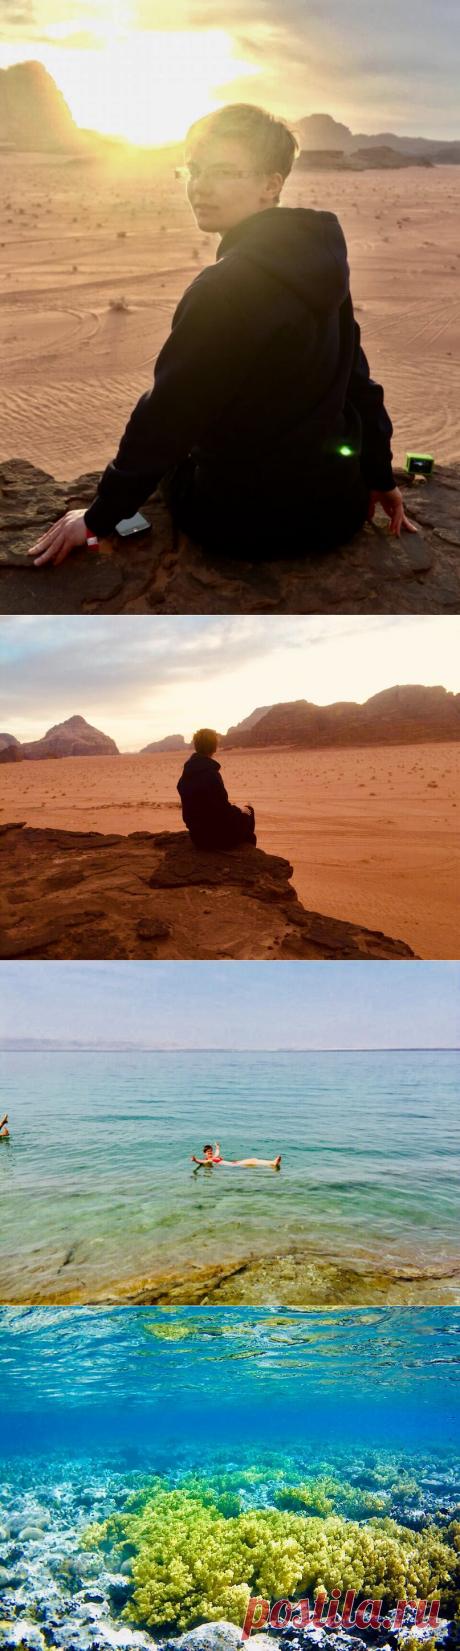 Как мы пили чай с бедуинами в пустыне, сэкономили на дайвинге и ещё 3 вещи, которые стоит сделать в Иордании | Рассказы о путешествиях | Яндекс Дзен